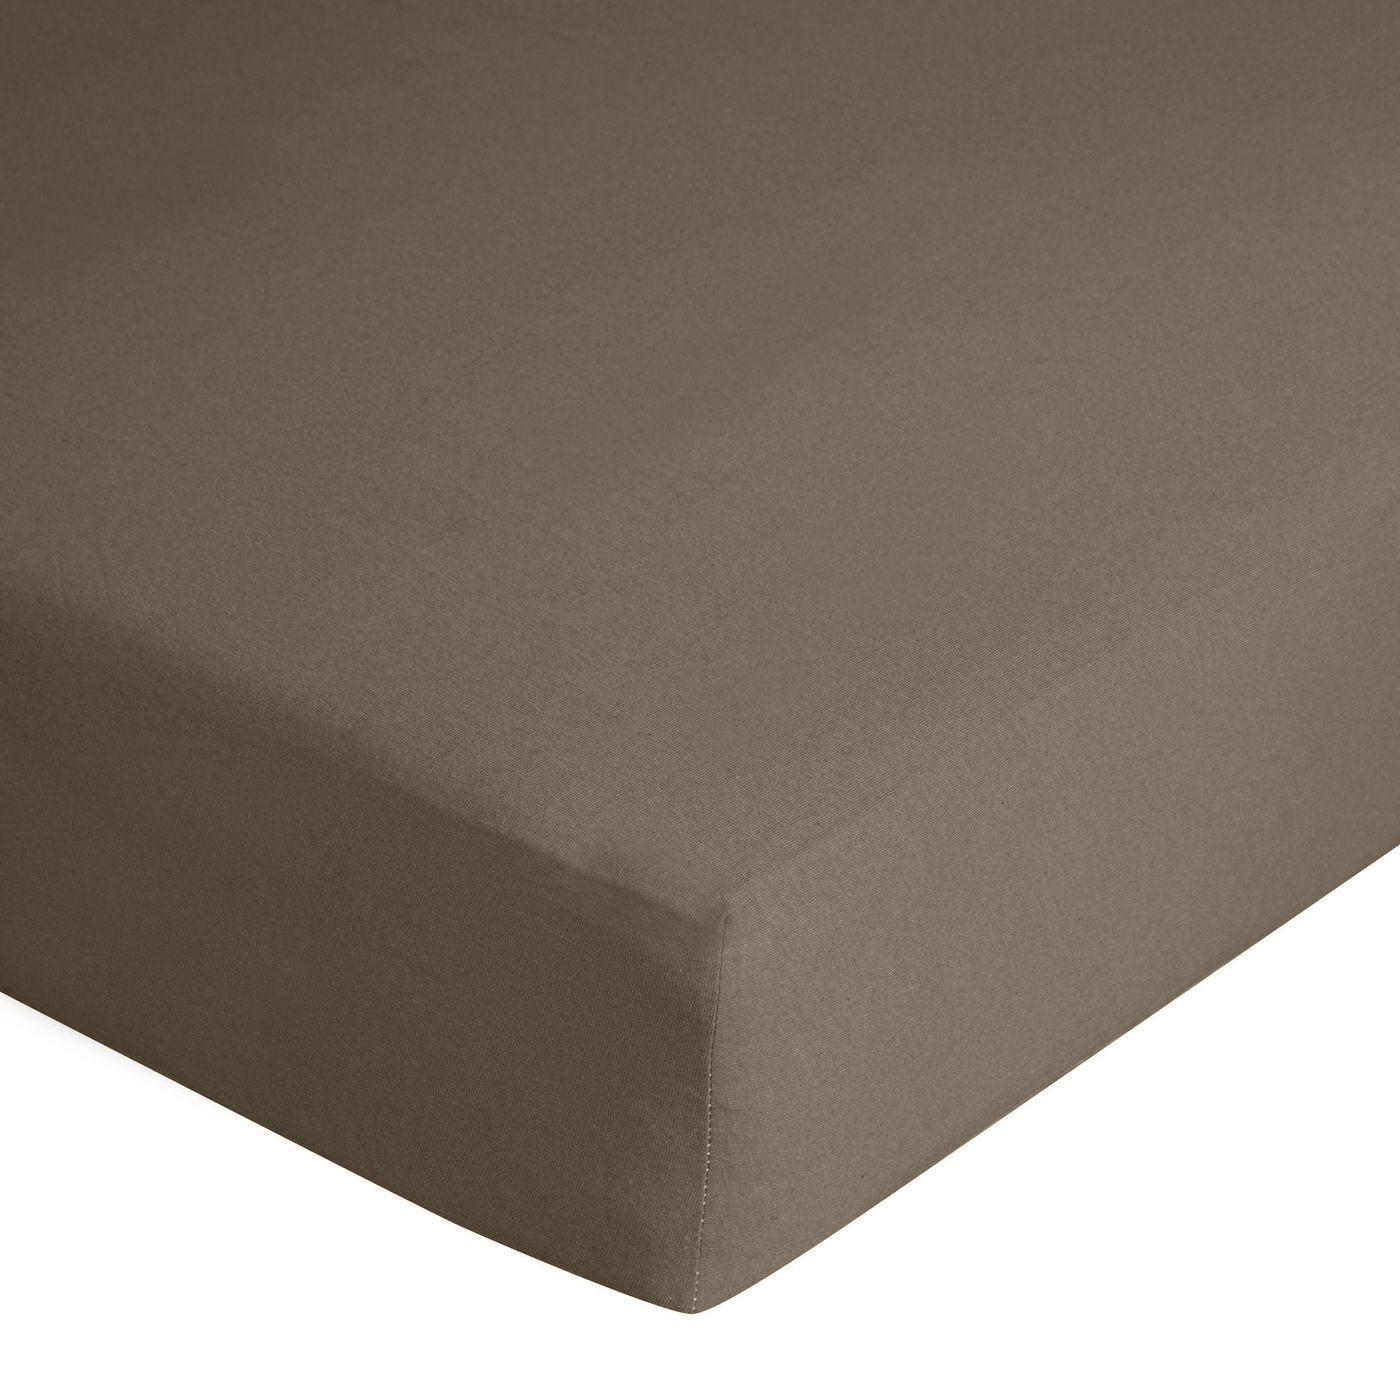 Prześcieradło bawełniane gładkie 120x200+25cm 140 kolor brązowy